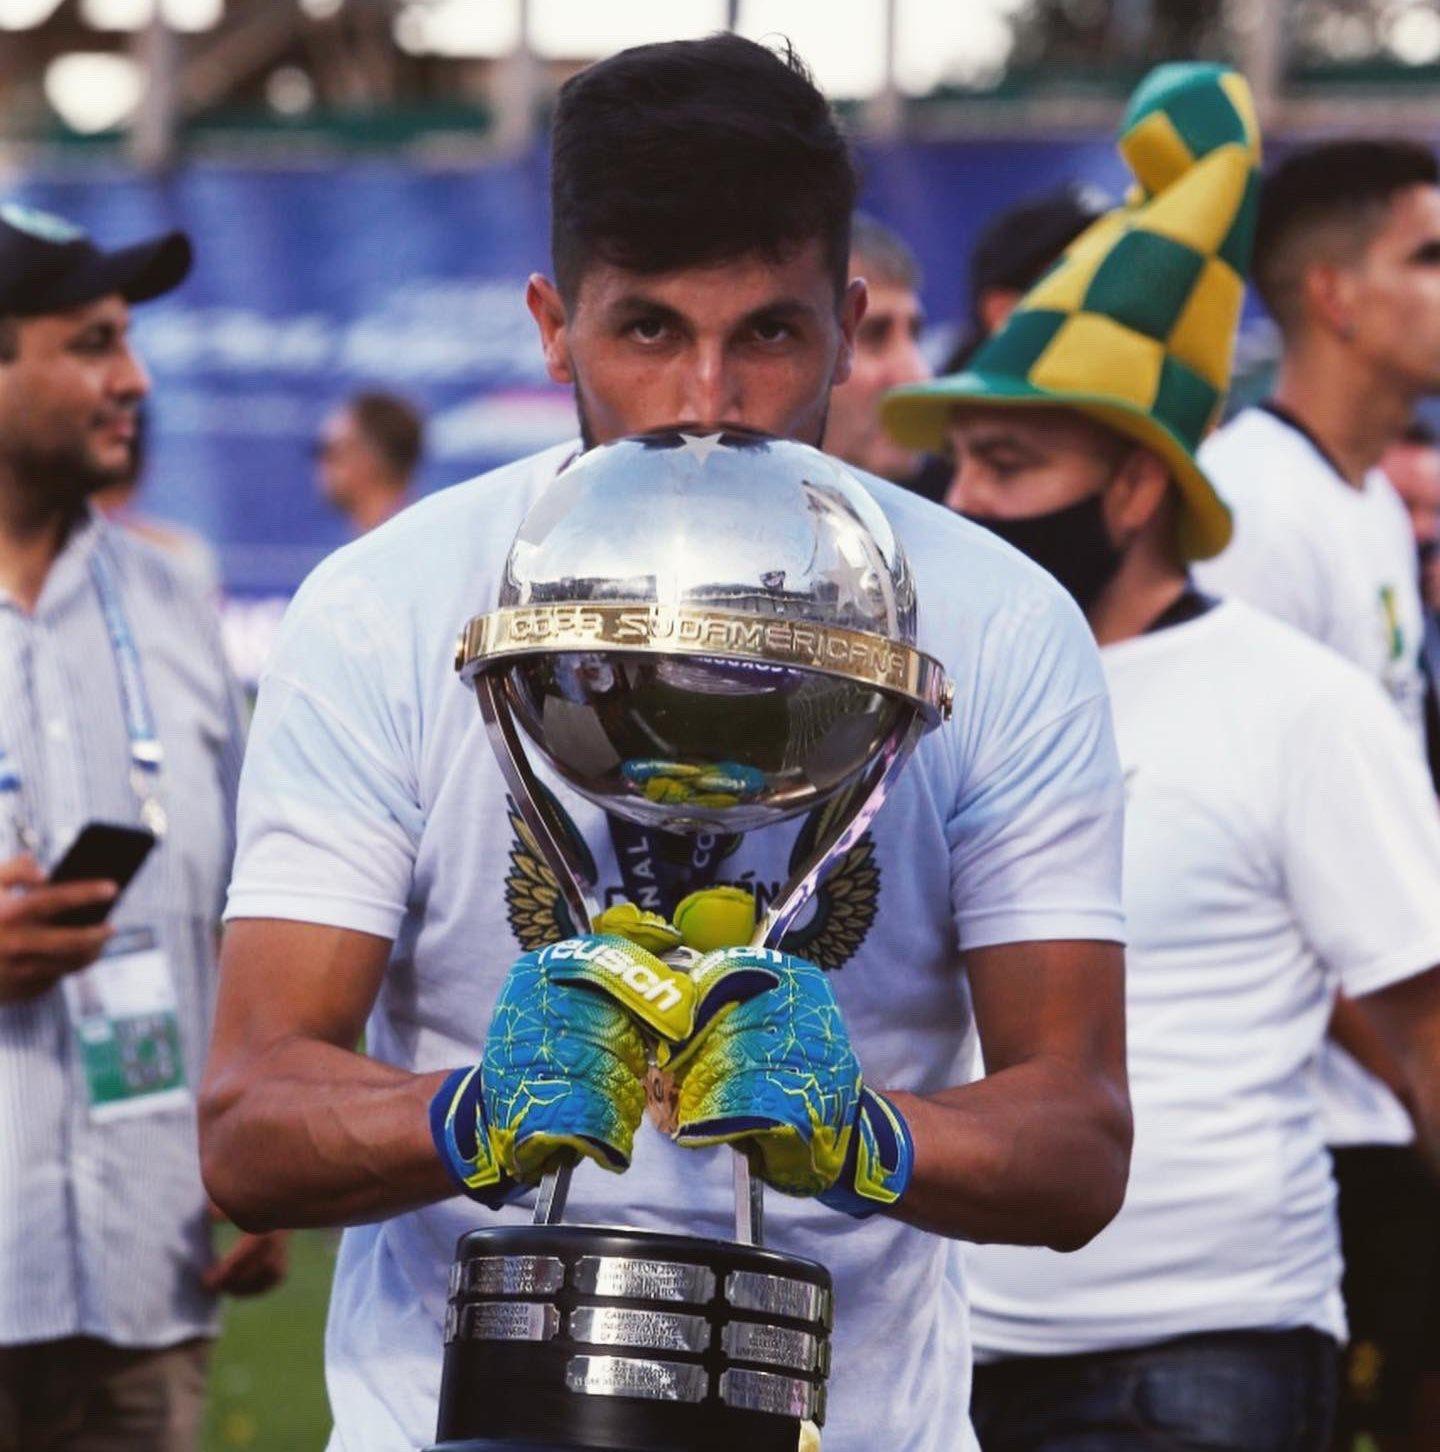 El riocuartense Ledesma campeón de Copa Sudamericana con Defensa y Justicia.